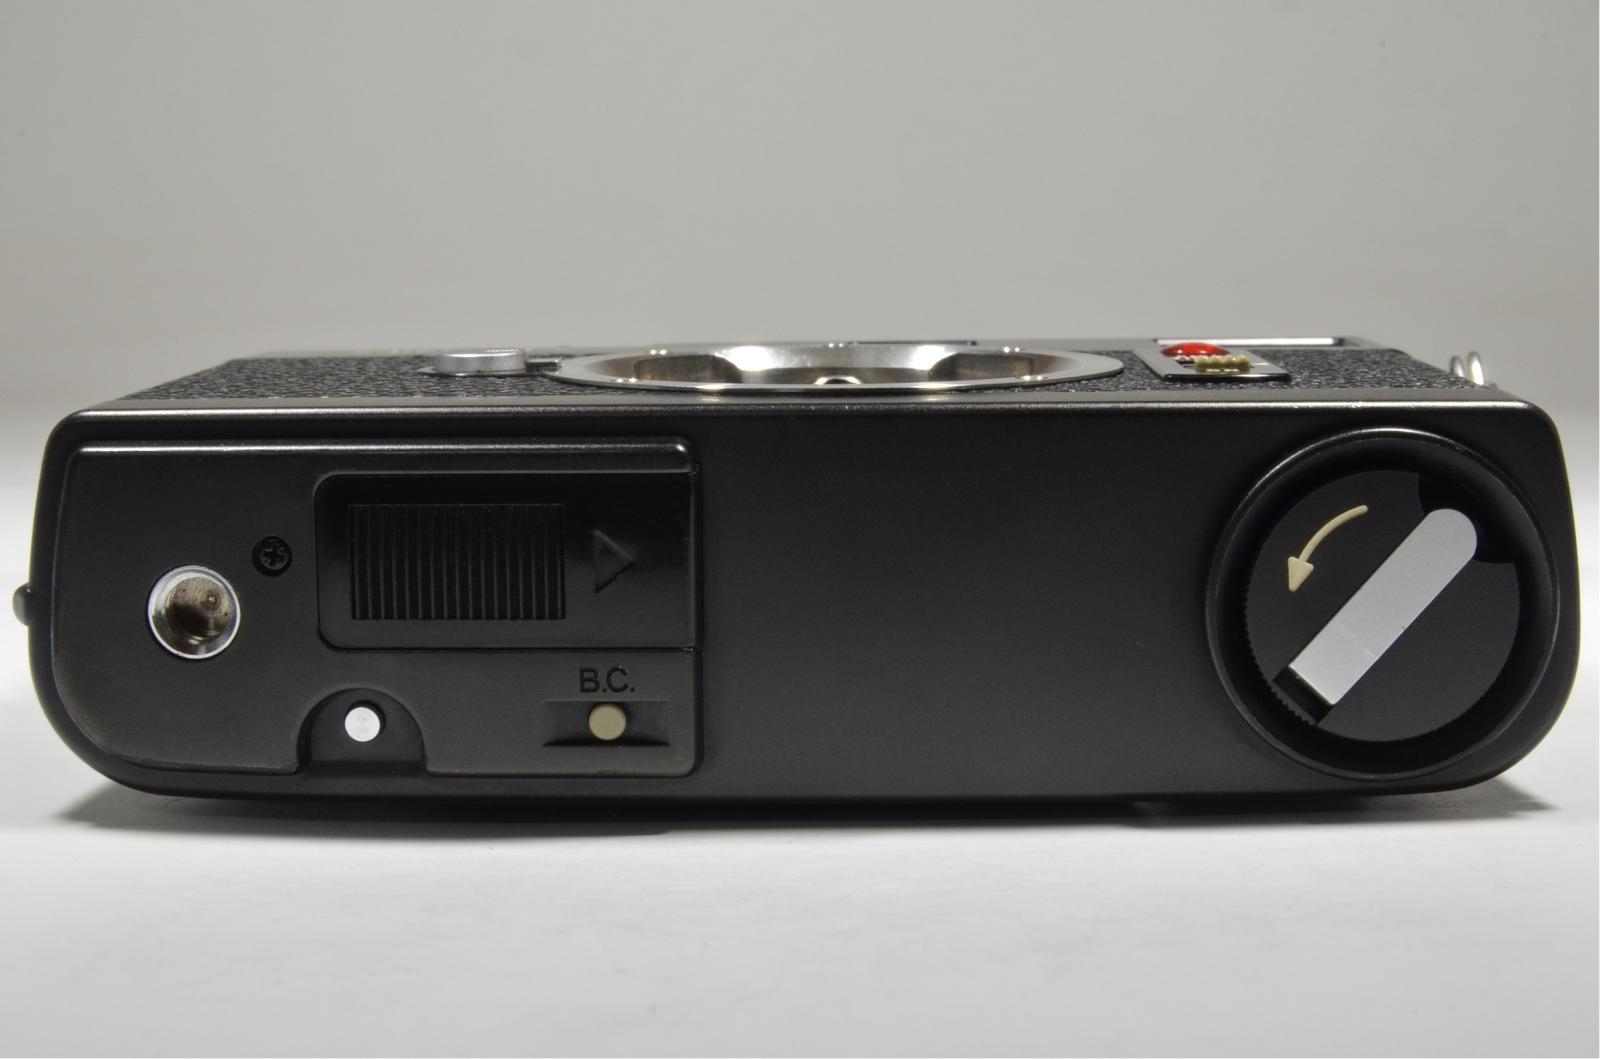 minolta cle, m-rokkor 28mm f2.8, 40mm f2, 90mm f4, flash auto cle